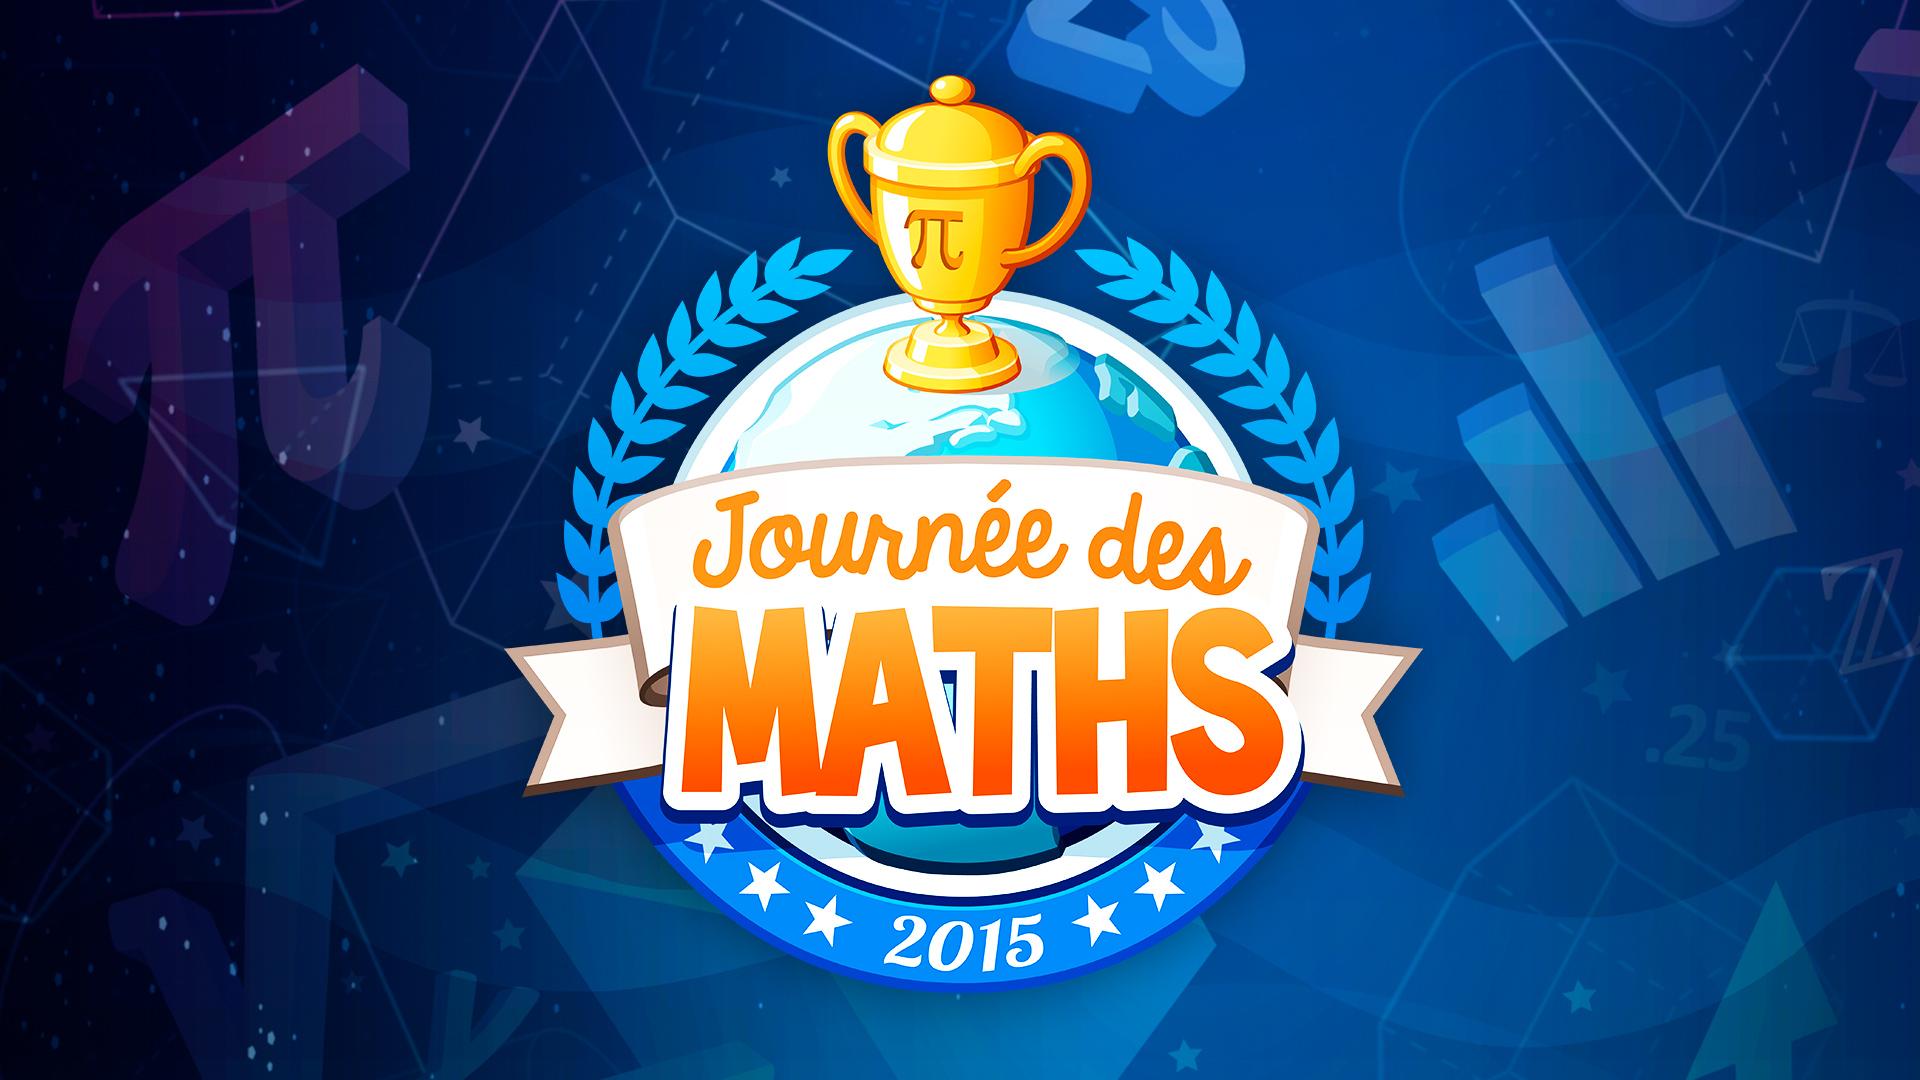 La Journée des maths 2015 au Québec et en Ontario